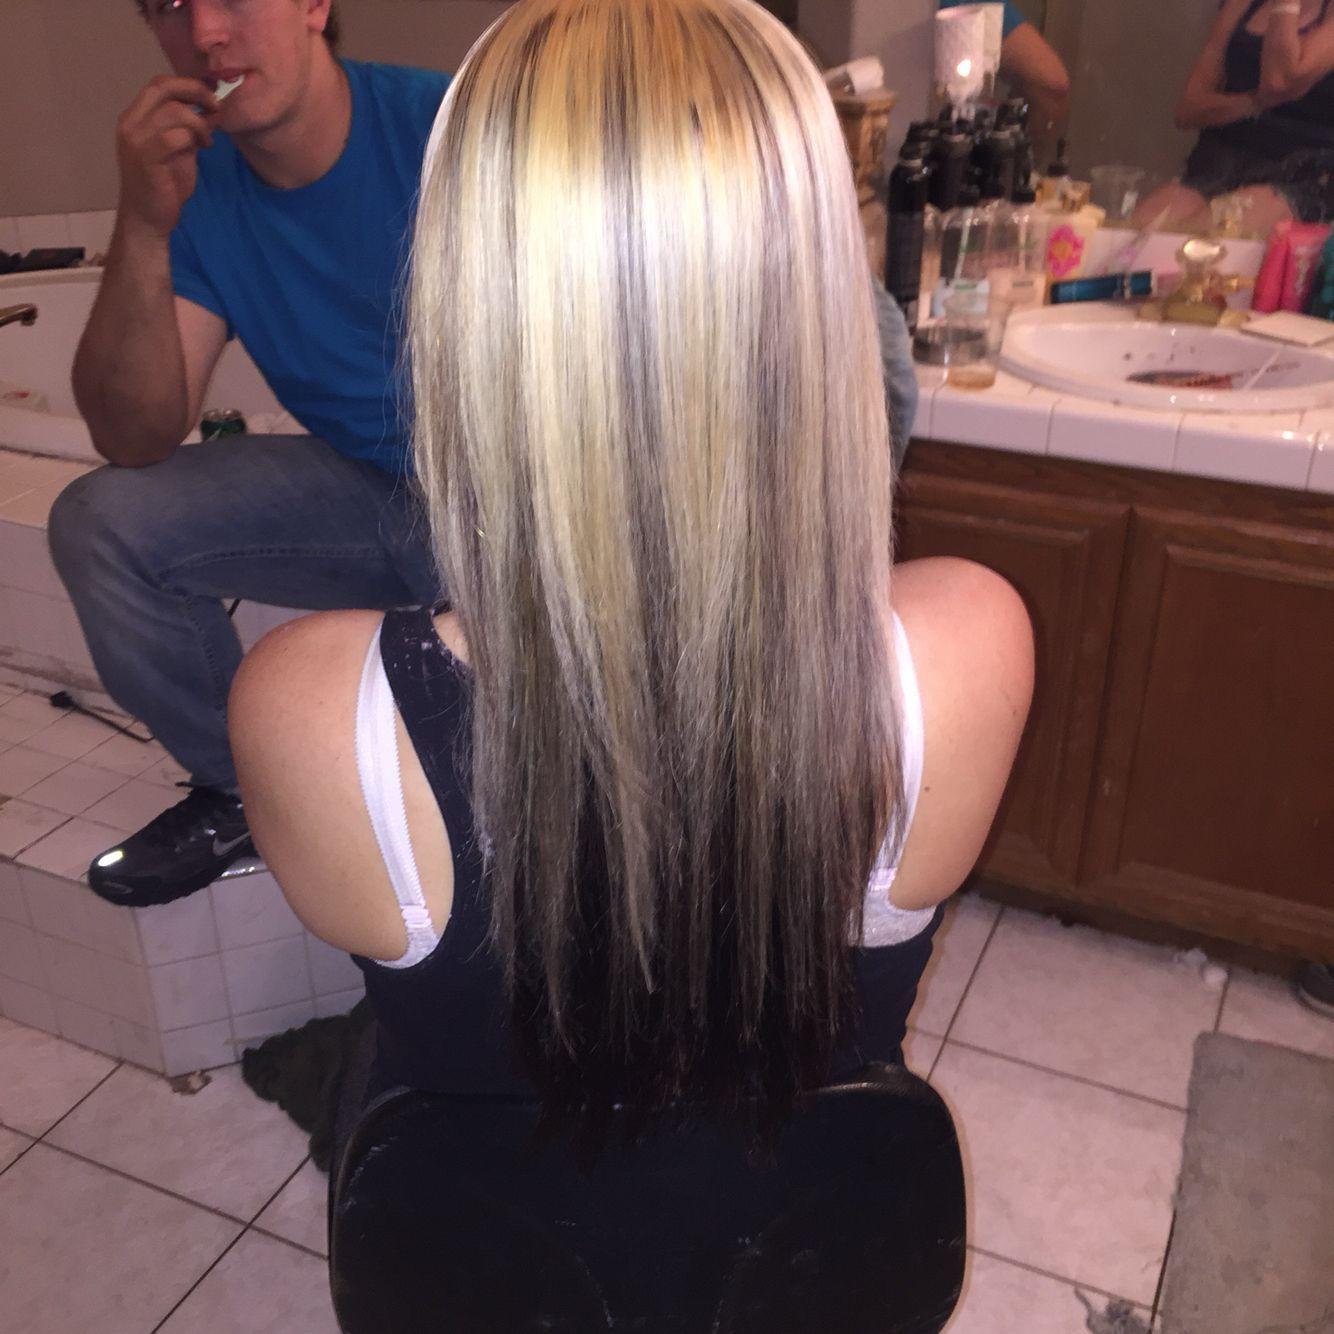 40 Cute Blonde On Top Brown Underneath Hairstyles Pictures In 2020 Blonde Hair With Brown Underneath Dark Underneath Hair Hair Color Dark